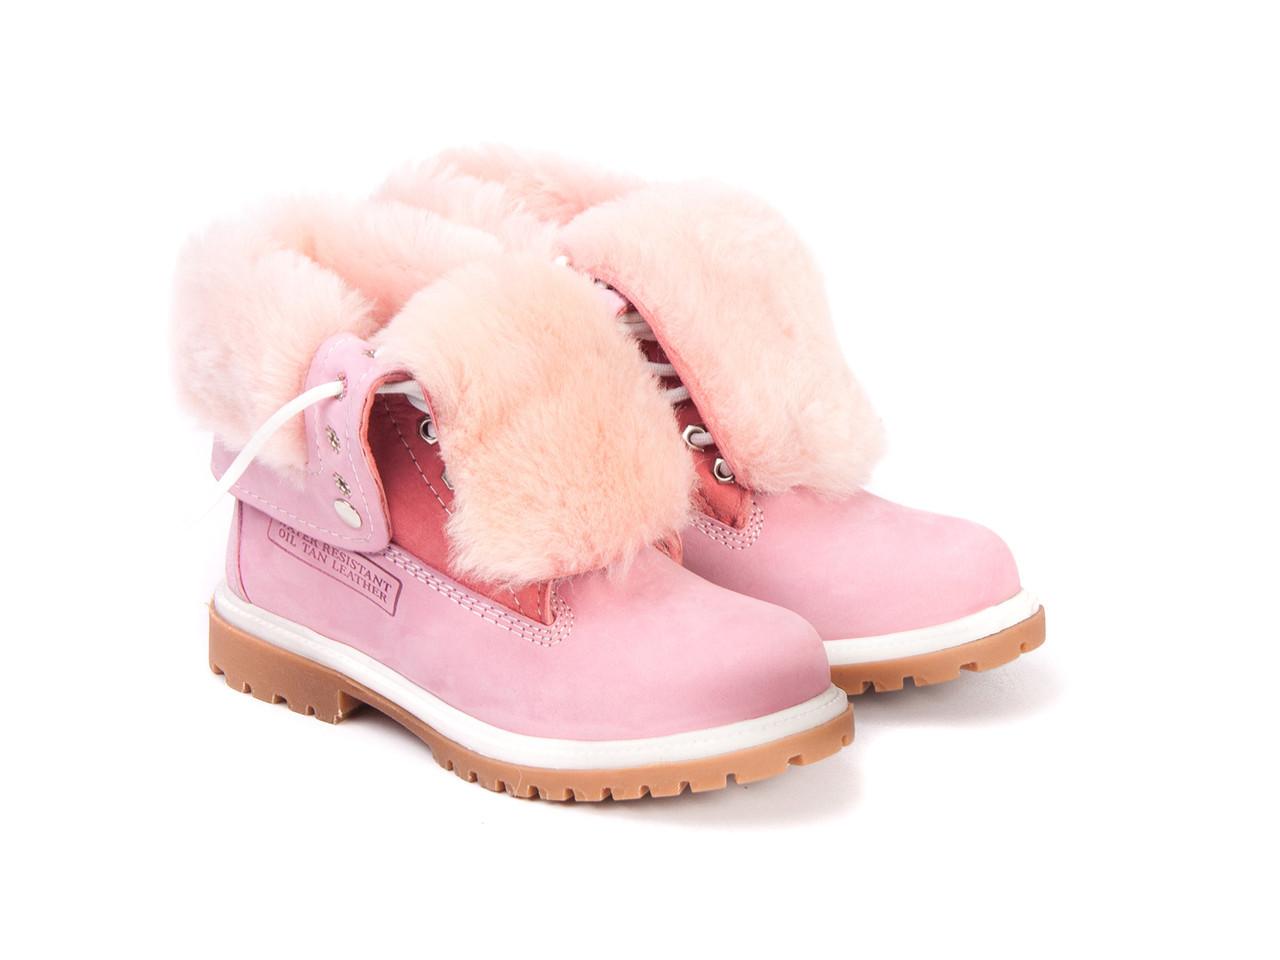 Ботинки Etor 10315-2298-735 36 розовые